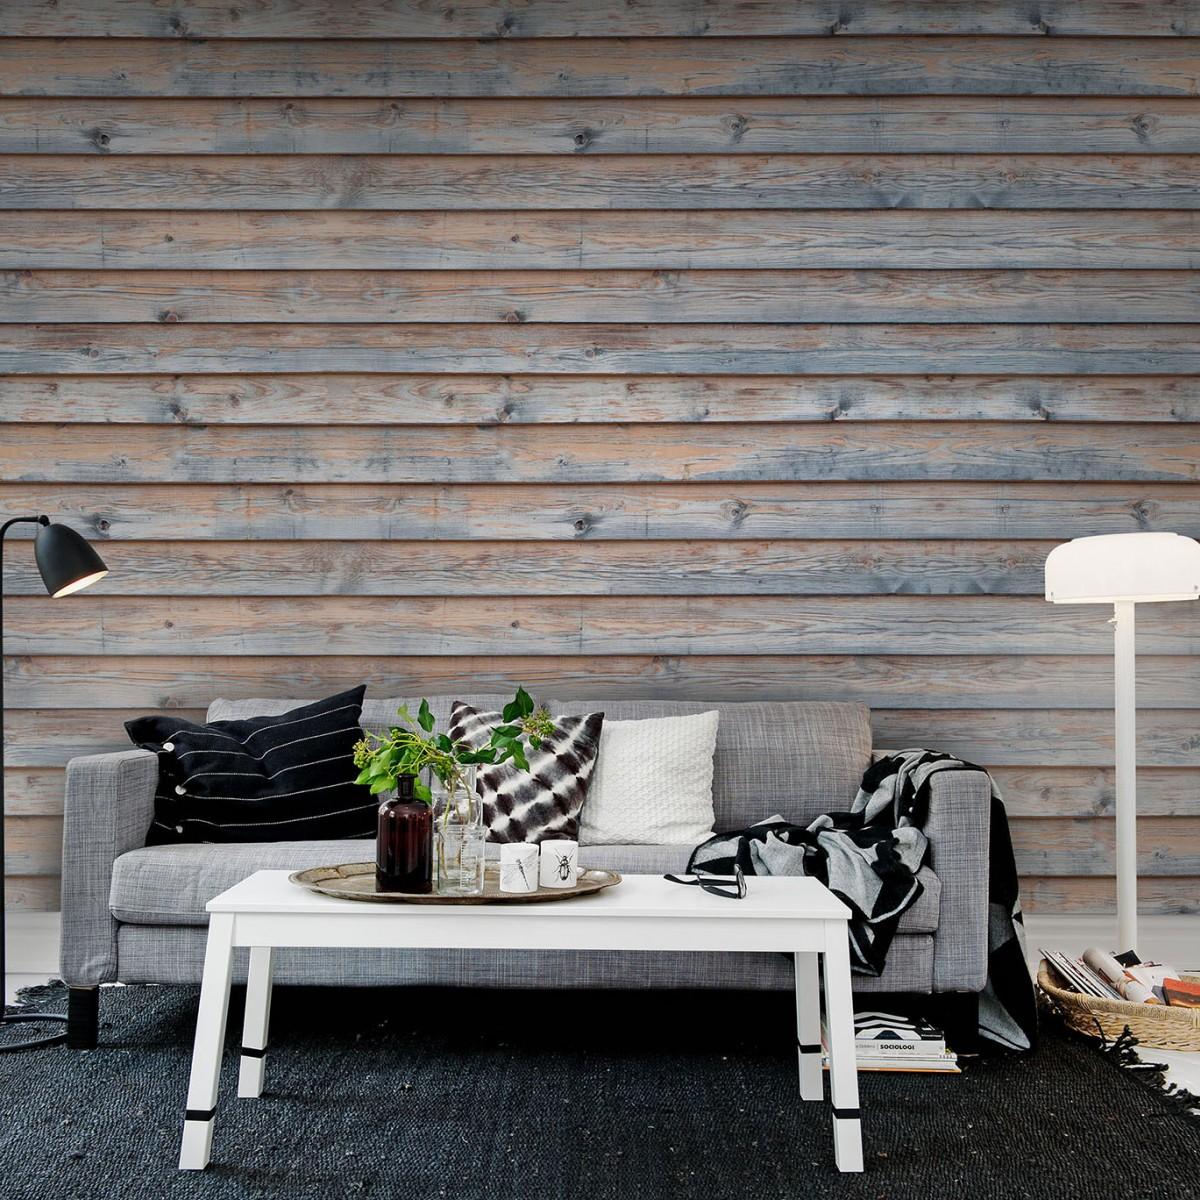 Fototapet Horizontal Boards 1, personalizat, Rebel Walls